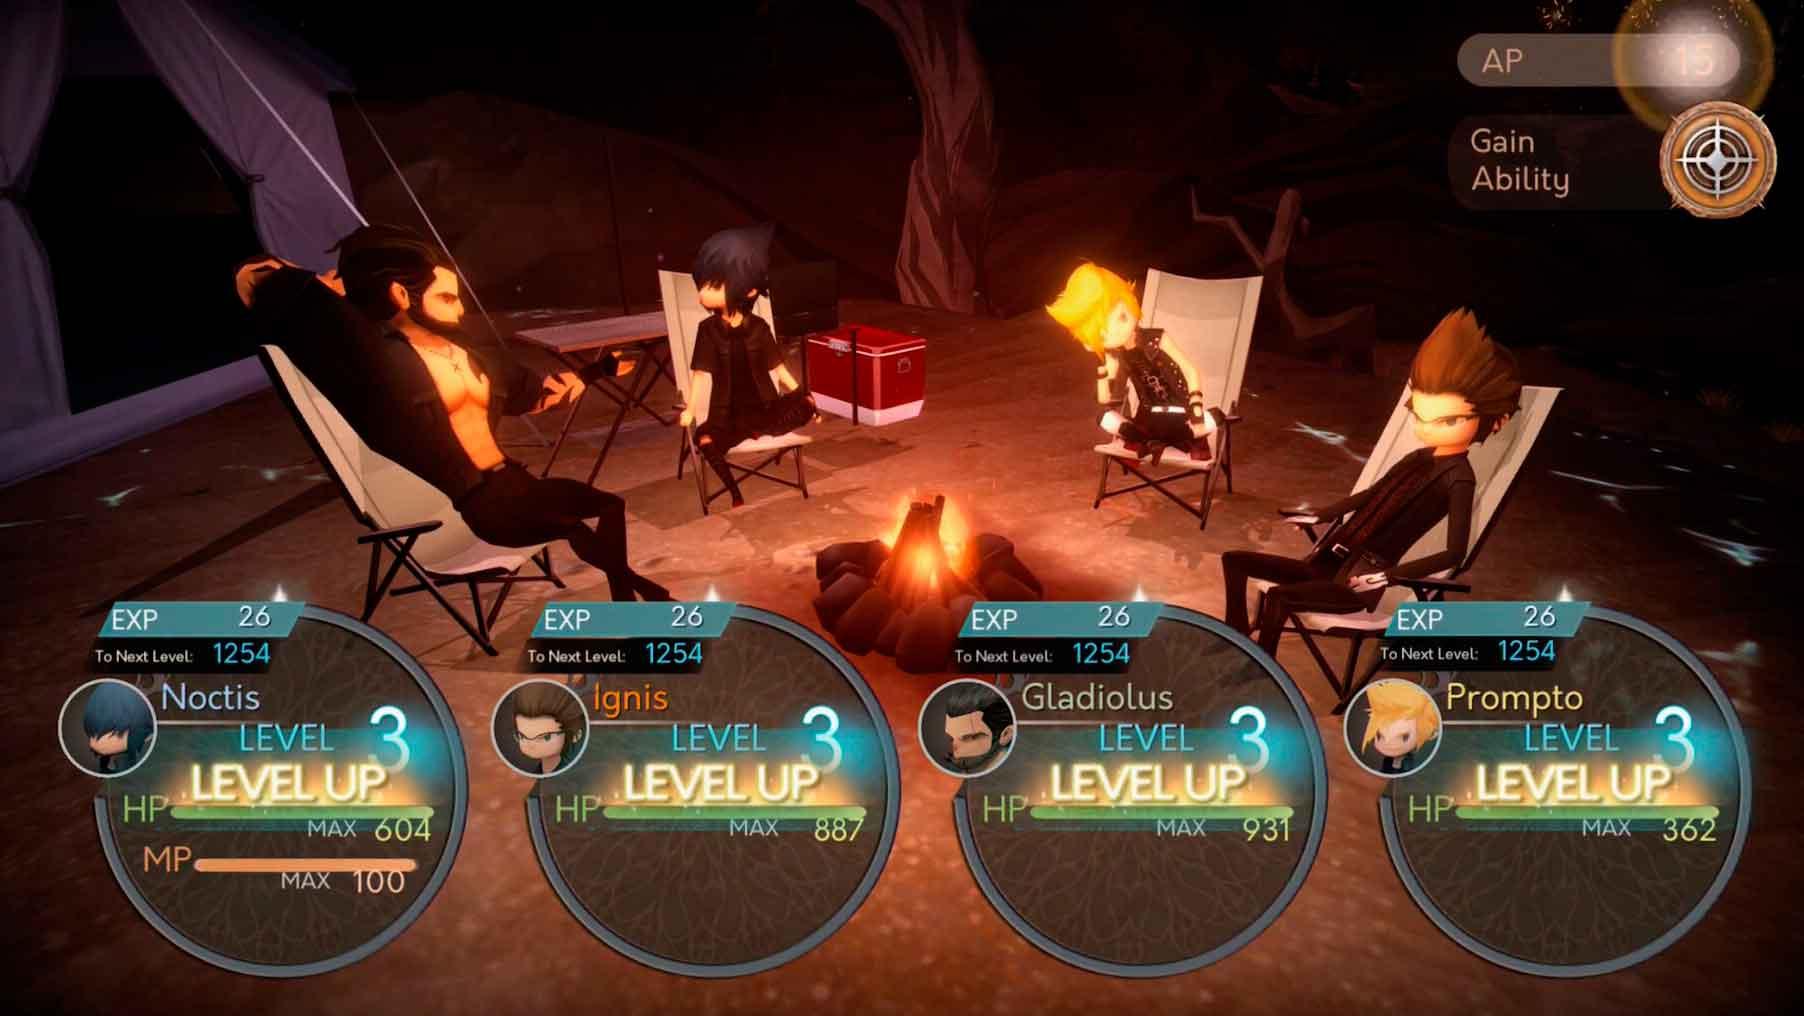 Imagem mostrando os personagens de FFXV: Pocket Edition ao redor de uma fogueira